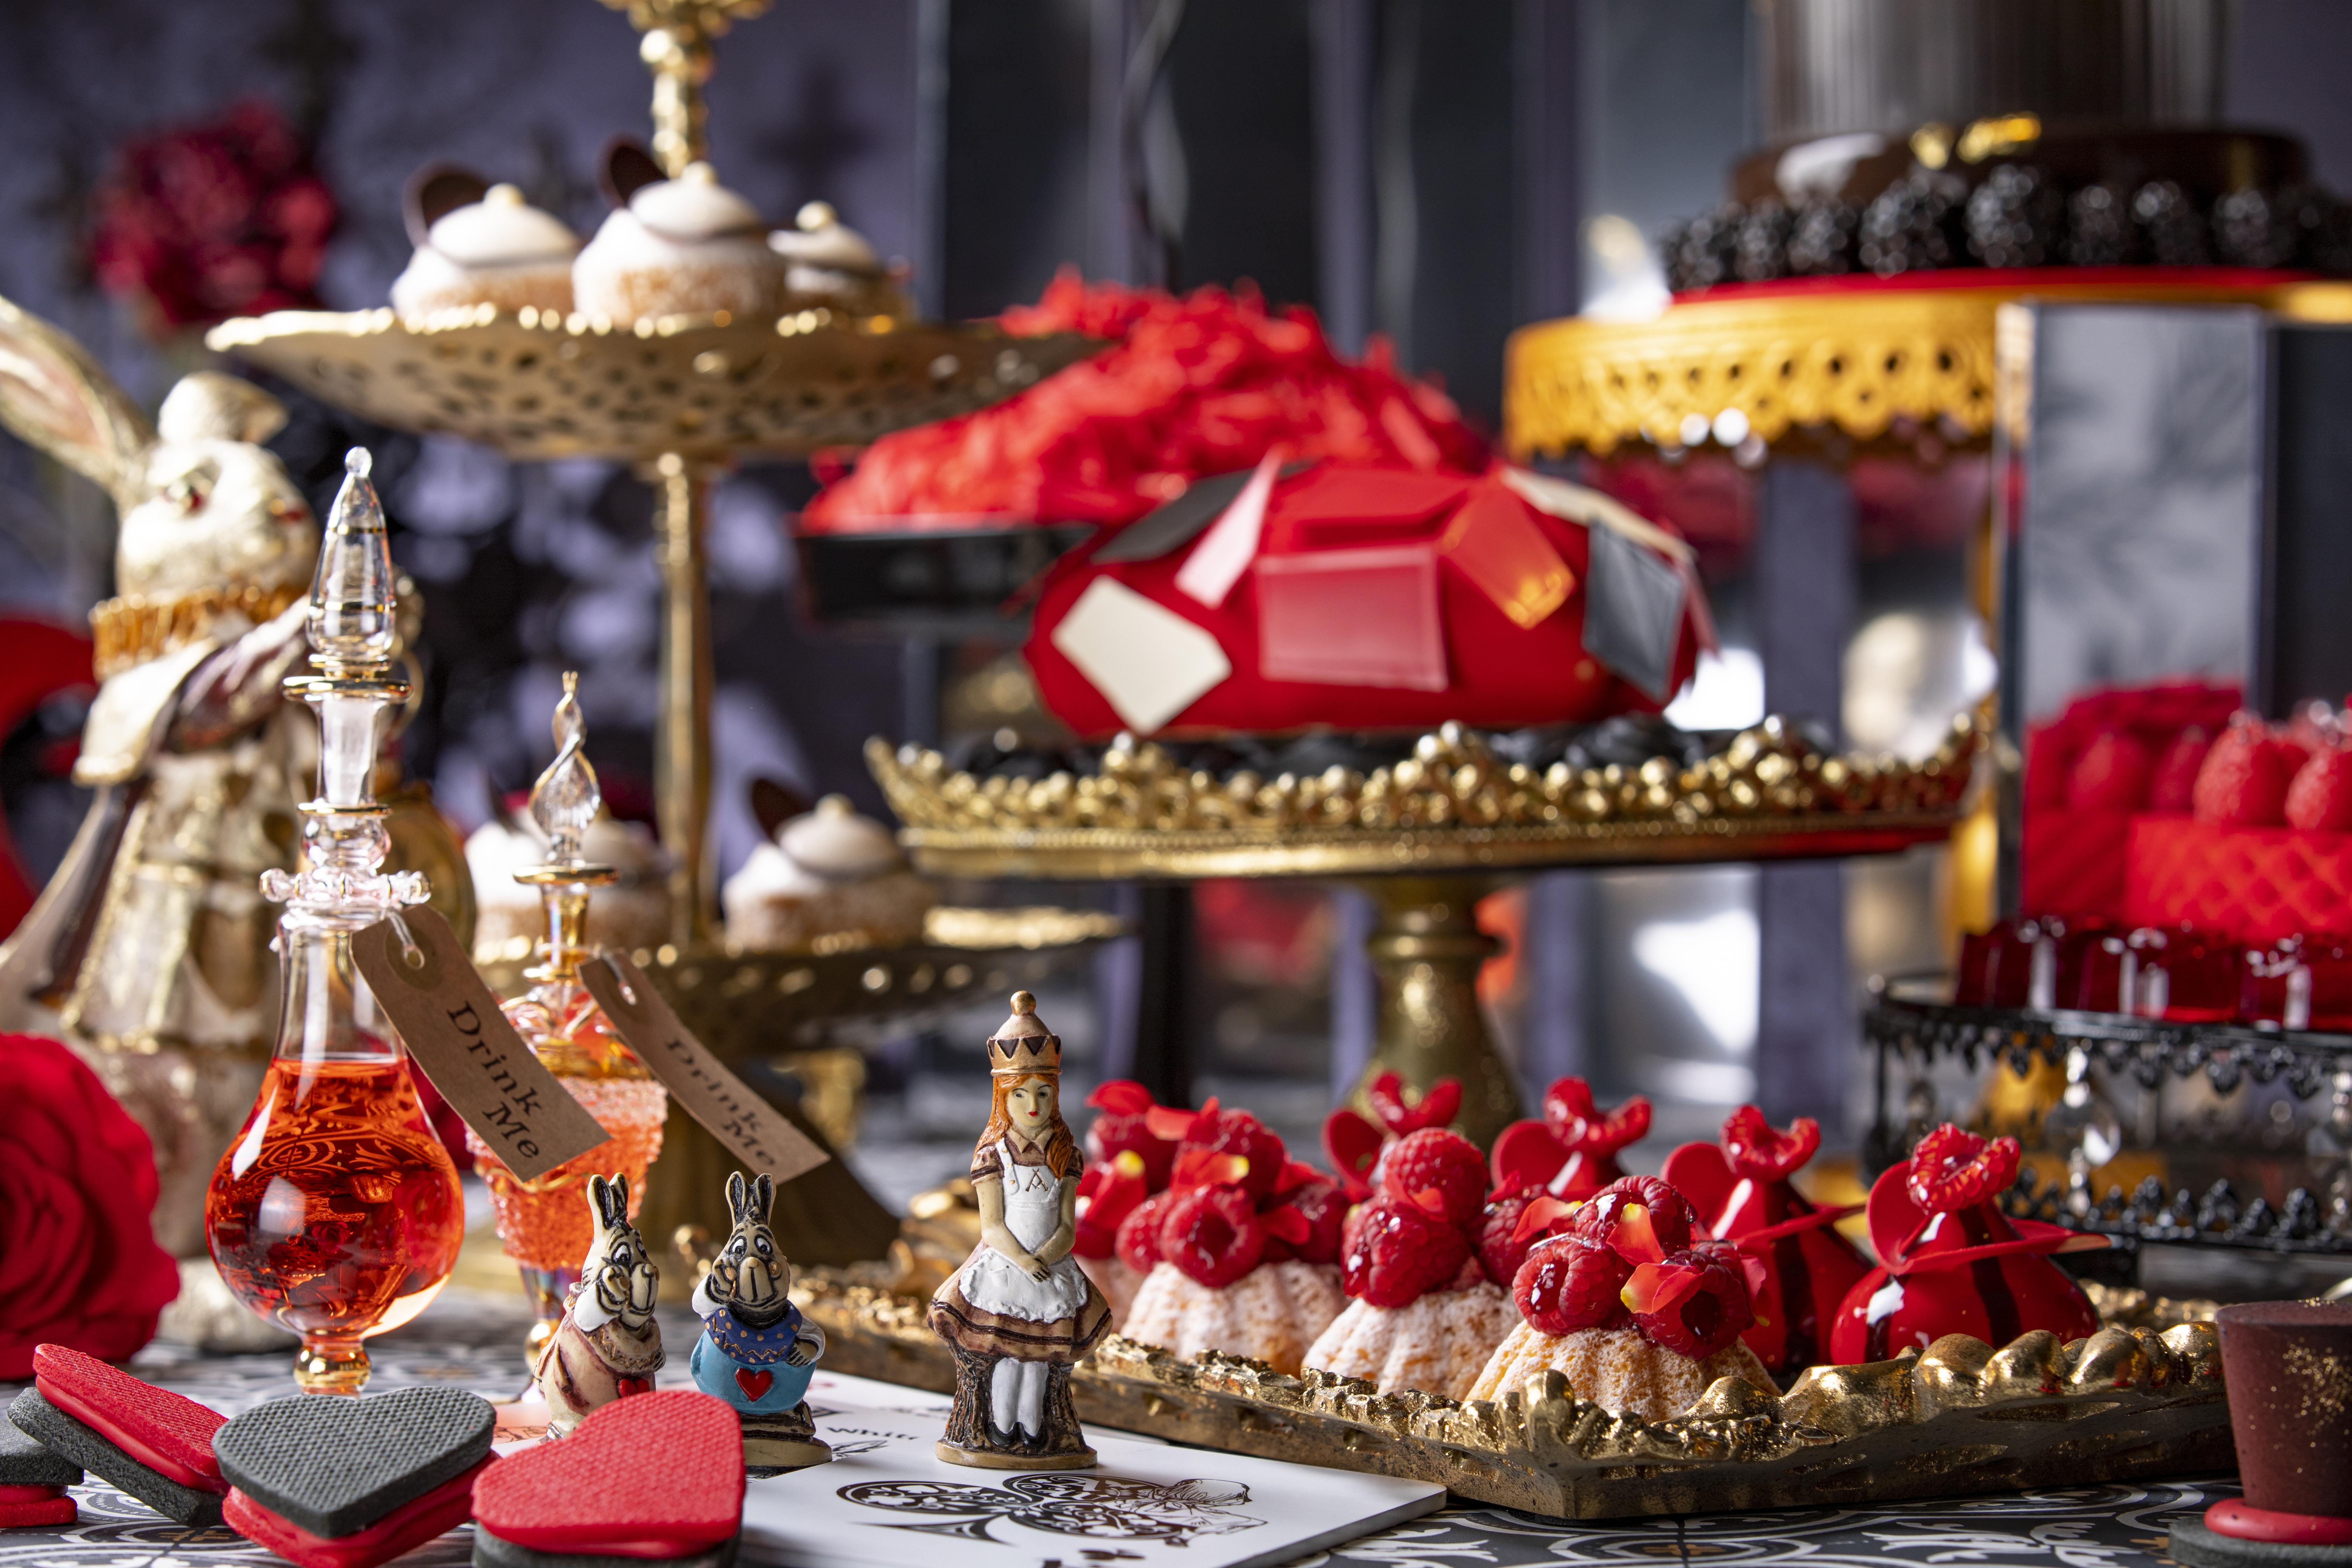 【アリス in ローズ・ラビリンス】ヒルトン東京新デザートビュッフェ!薔薇と鏡の迷宮でお茶会!